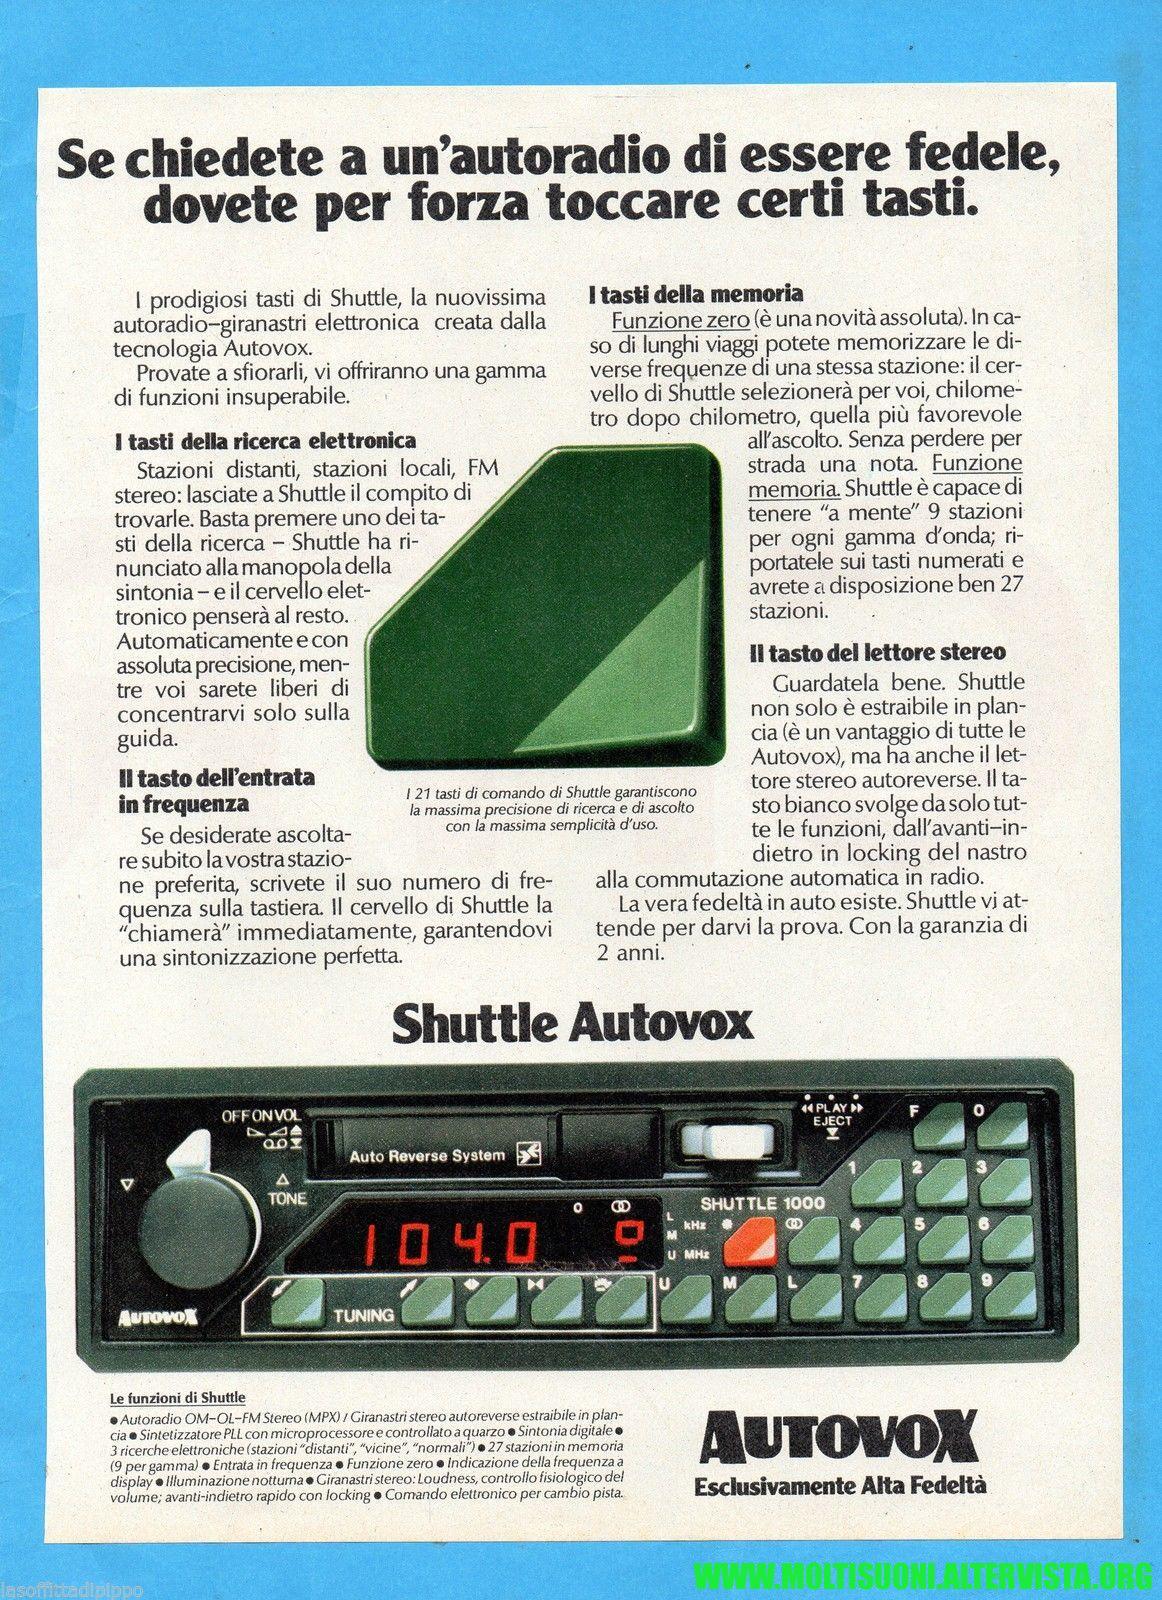 autovox shuttle - moltisuoni